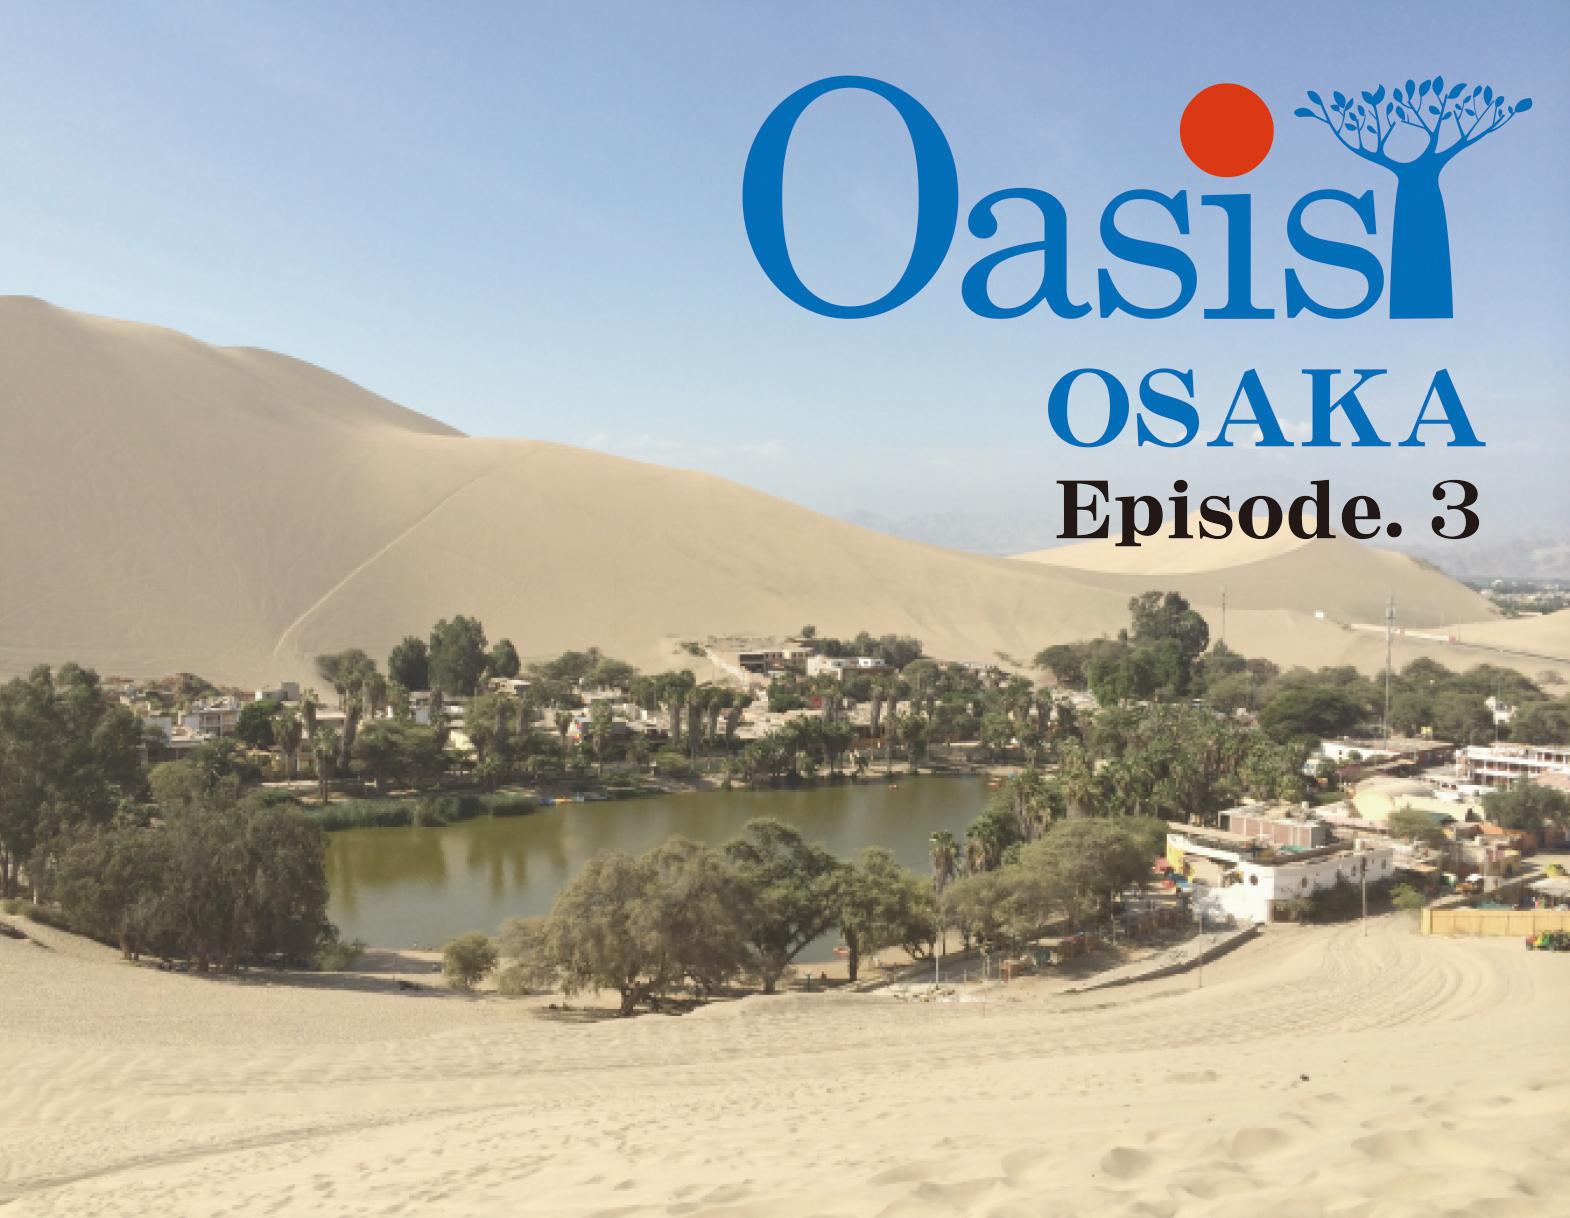 Oasis OSAKA Episode.3 出展のお知らせ